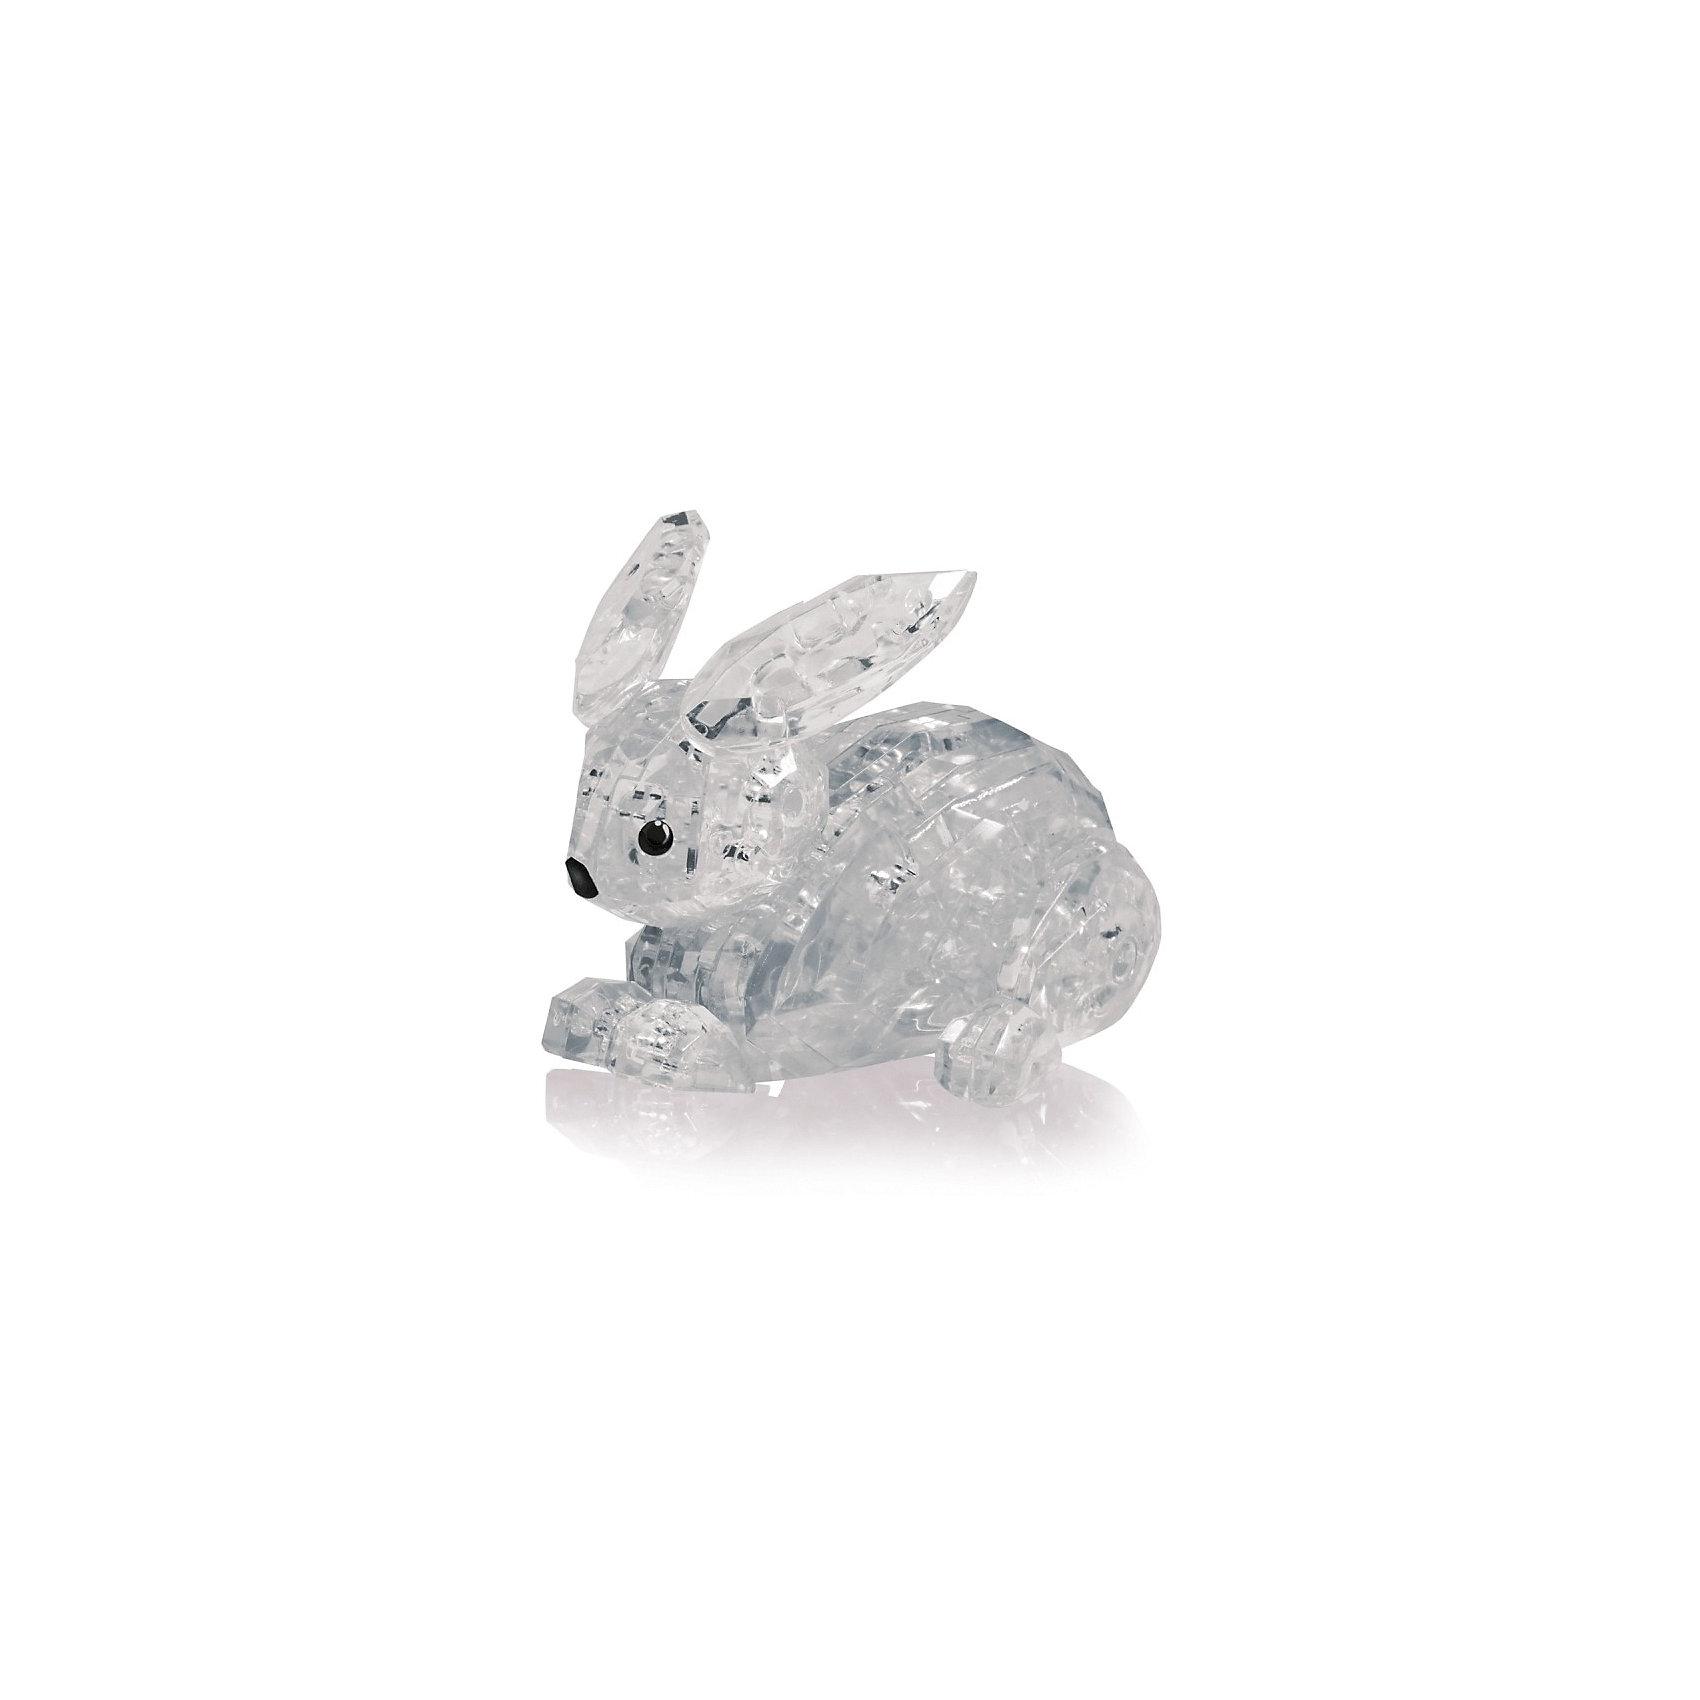 Кристаллический пазл 3D Заяц L3D пазлы<br>Характеристики товара:<br><br>• возраст: от 14 лет;<br>• материал: пластик;<br>• в комплекте: 56 элементов, инструкция;<br>• размер упаковки: 18х14х4 см;<br>• вес упаковки: 96 гр.;<br>• страна производитель: Китай.<br><br>Кристаллический пазл 3D «Заяц» Educational Line позволит собрать объемную фигурку из пластиковых прозрачных деталей пазла. Все детали прочно соединяются между собой и крепко держатся. В процессе сборки пазла развиваются мелкая моторика рук, усидчивость, внимательность, логическое мышление. <br><br>Кристаллический пазл 3D «Заяц» Educational Line можно приобрести в нашем интернет-магазине.<br><br>Ширина мм: 13<br>Глубина мм: 18<br>Высота мм: 4<br>Вес г: 128<br>Возраст от месяцев: 168<br>Возраст до месяцев: 2147483647<br>Пол: Унисекс<br>Возраст: Детский<br>SKU: 5362956